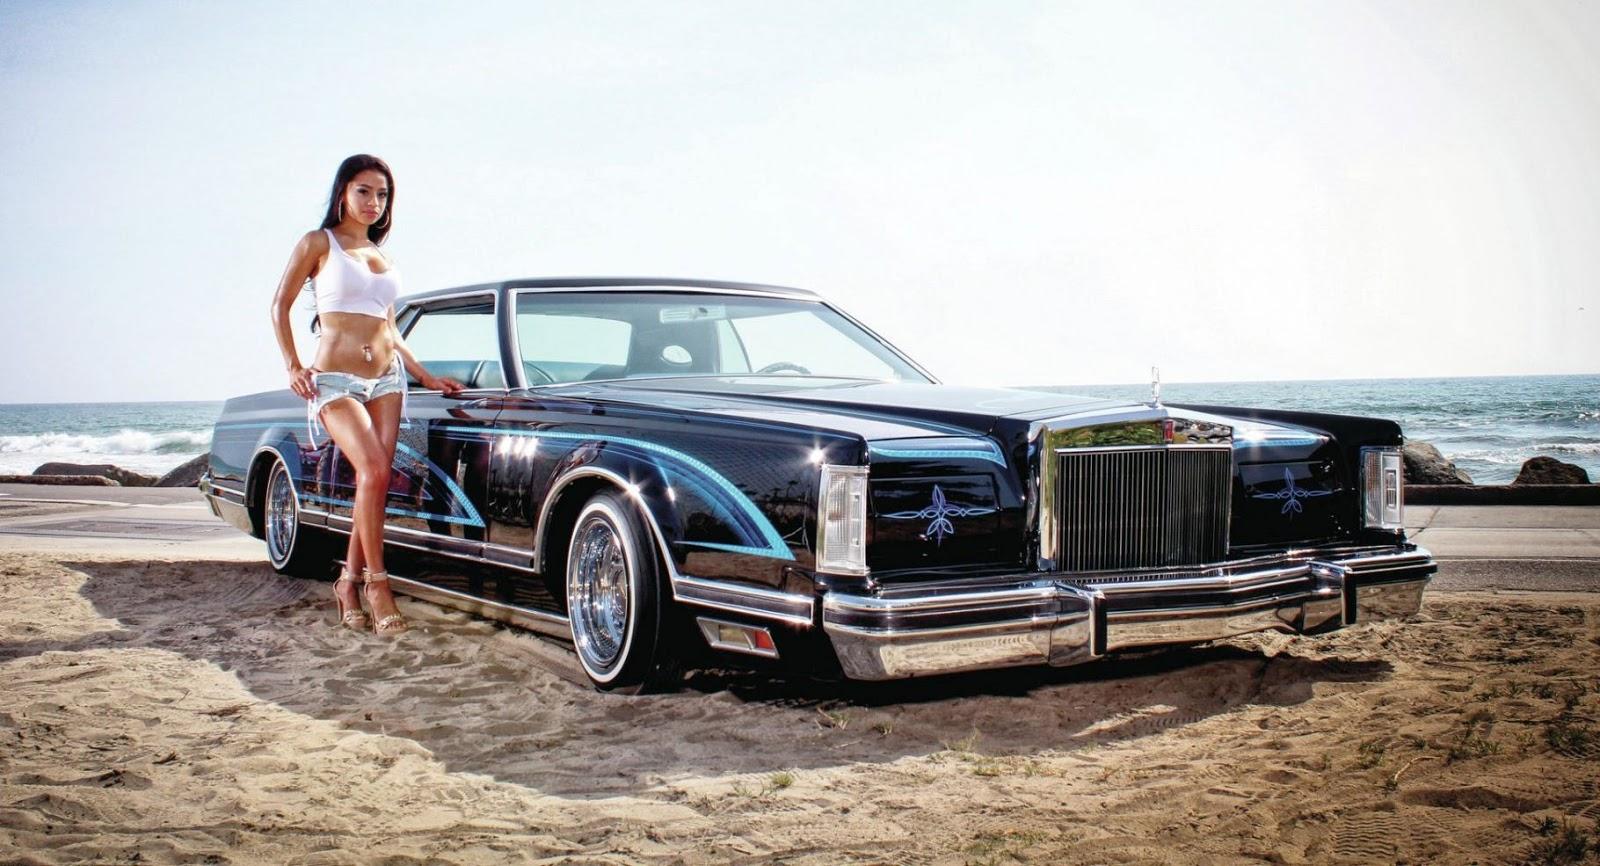 Transpress Nz 1979 Lincoln Mark V